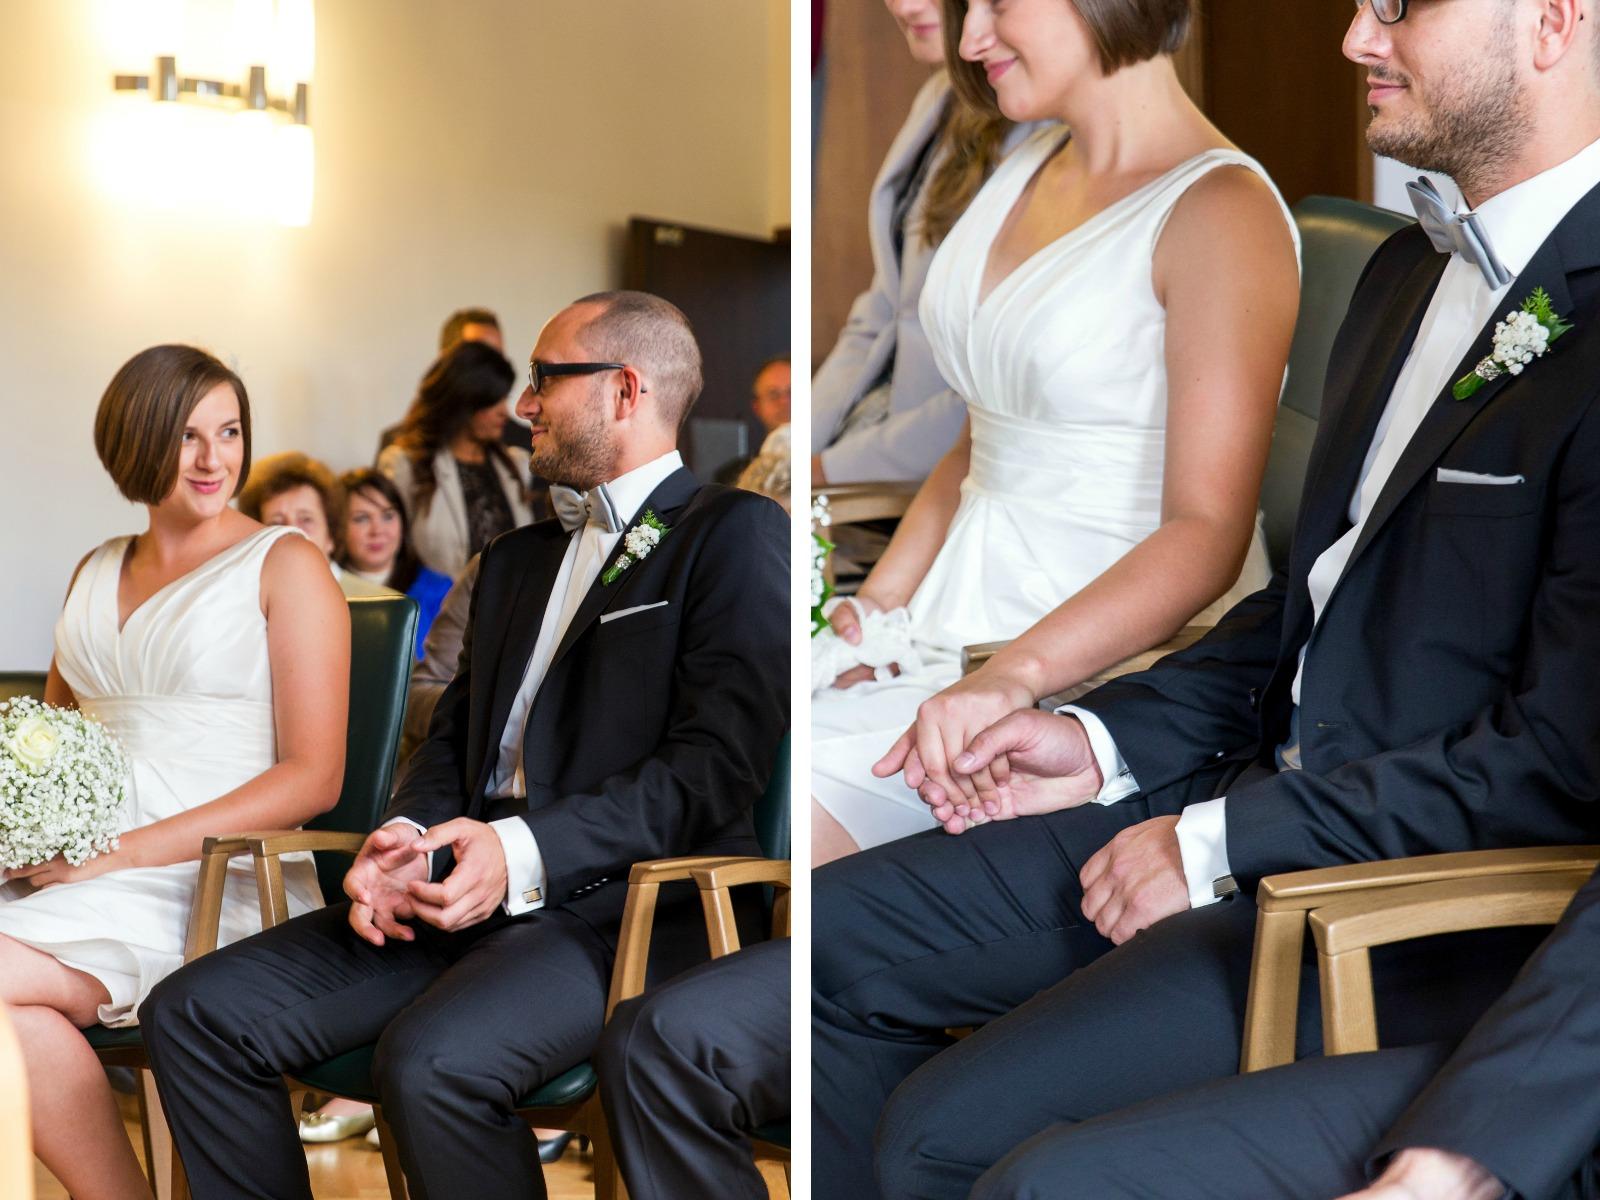 Monstergraphie_Hochzeitsreportage_Dortmund_Zeche_Zollern03.jpg?fit=1600%2C1200